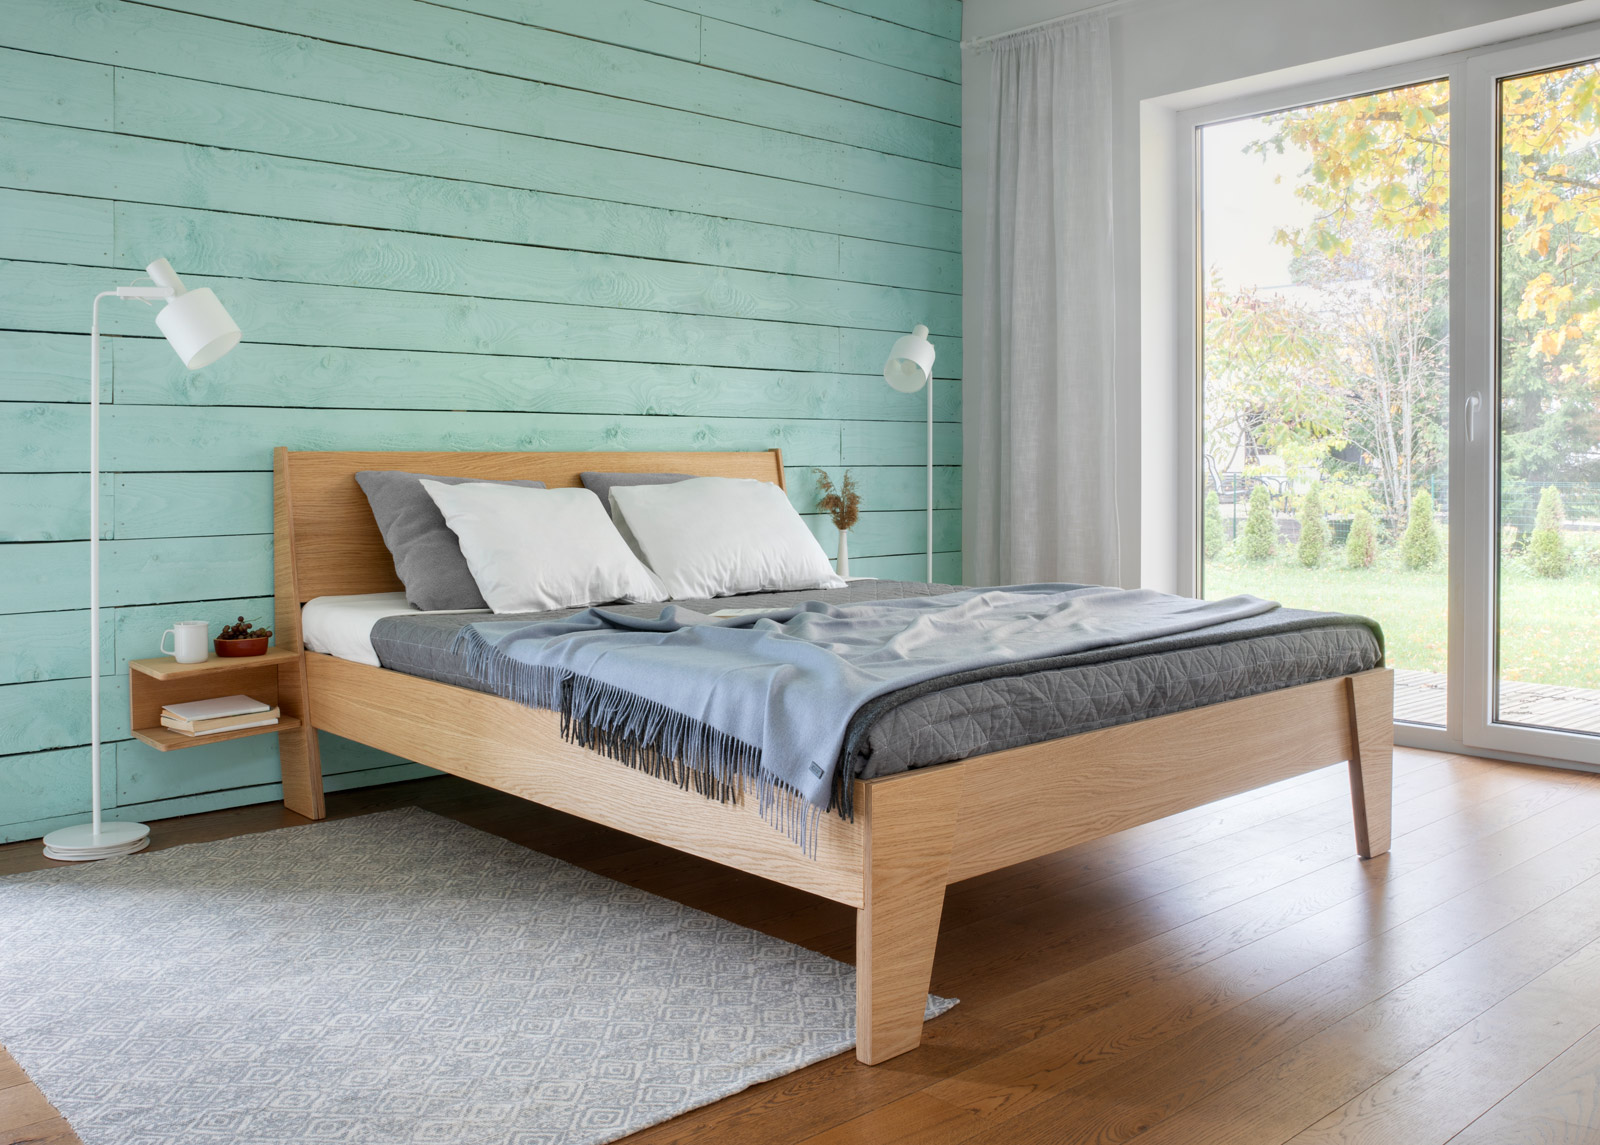 Radis sänky Huh 160x200 cm + 2 yöpöytää